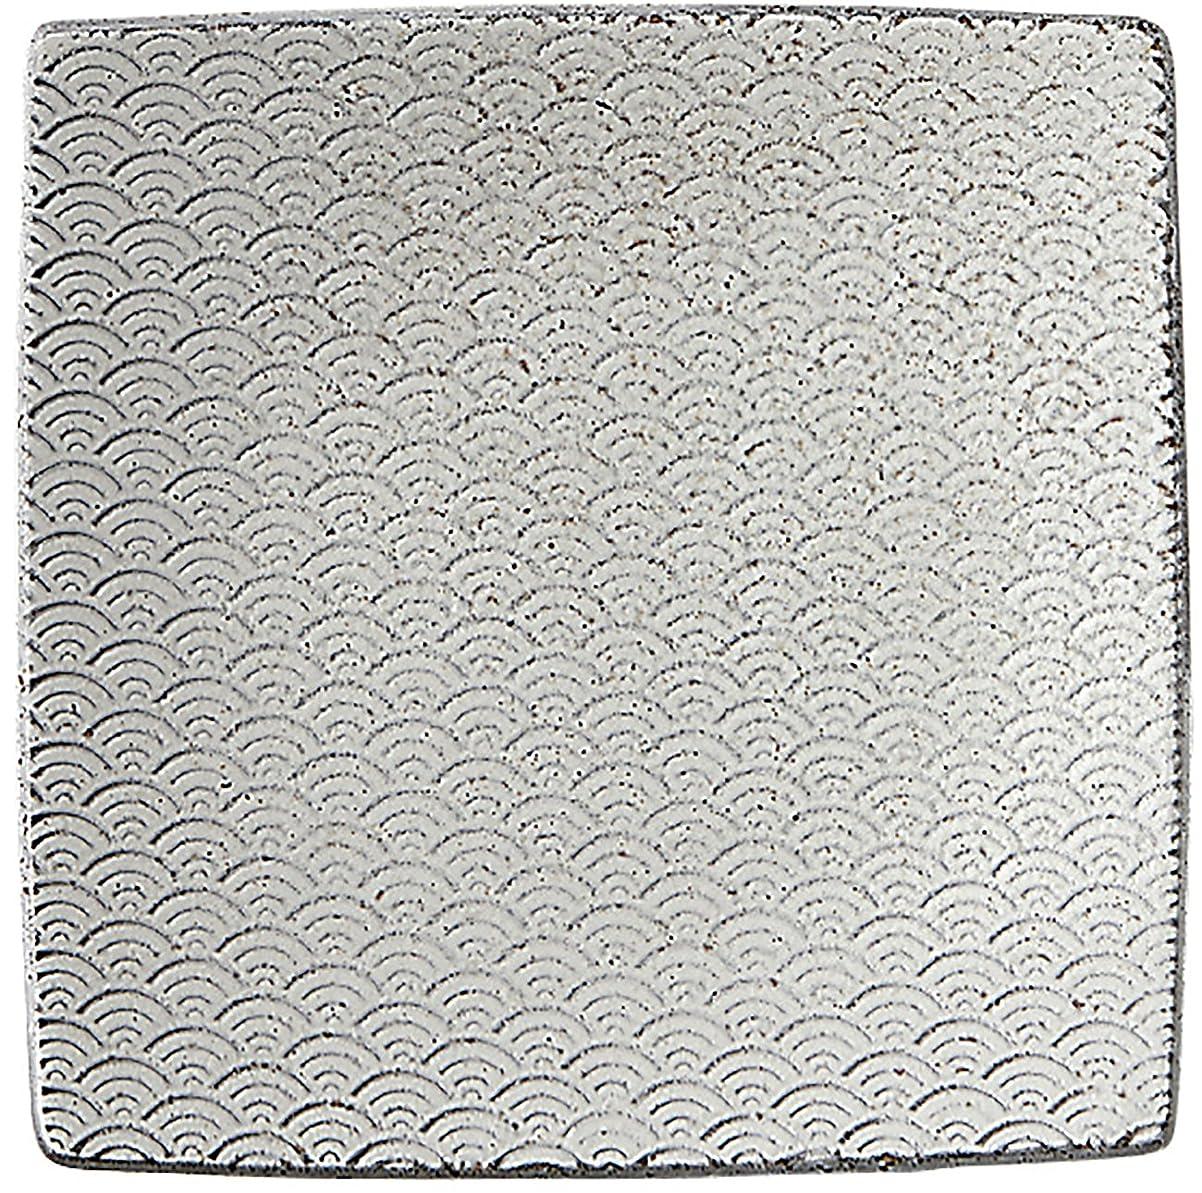 優先権傷つきやすい酸化物光洋陶器 古代粉引き 正角皿 15.5cm 青海波 57683066